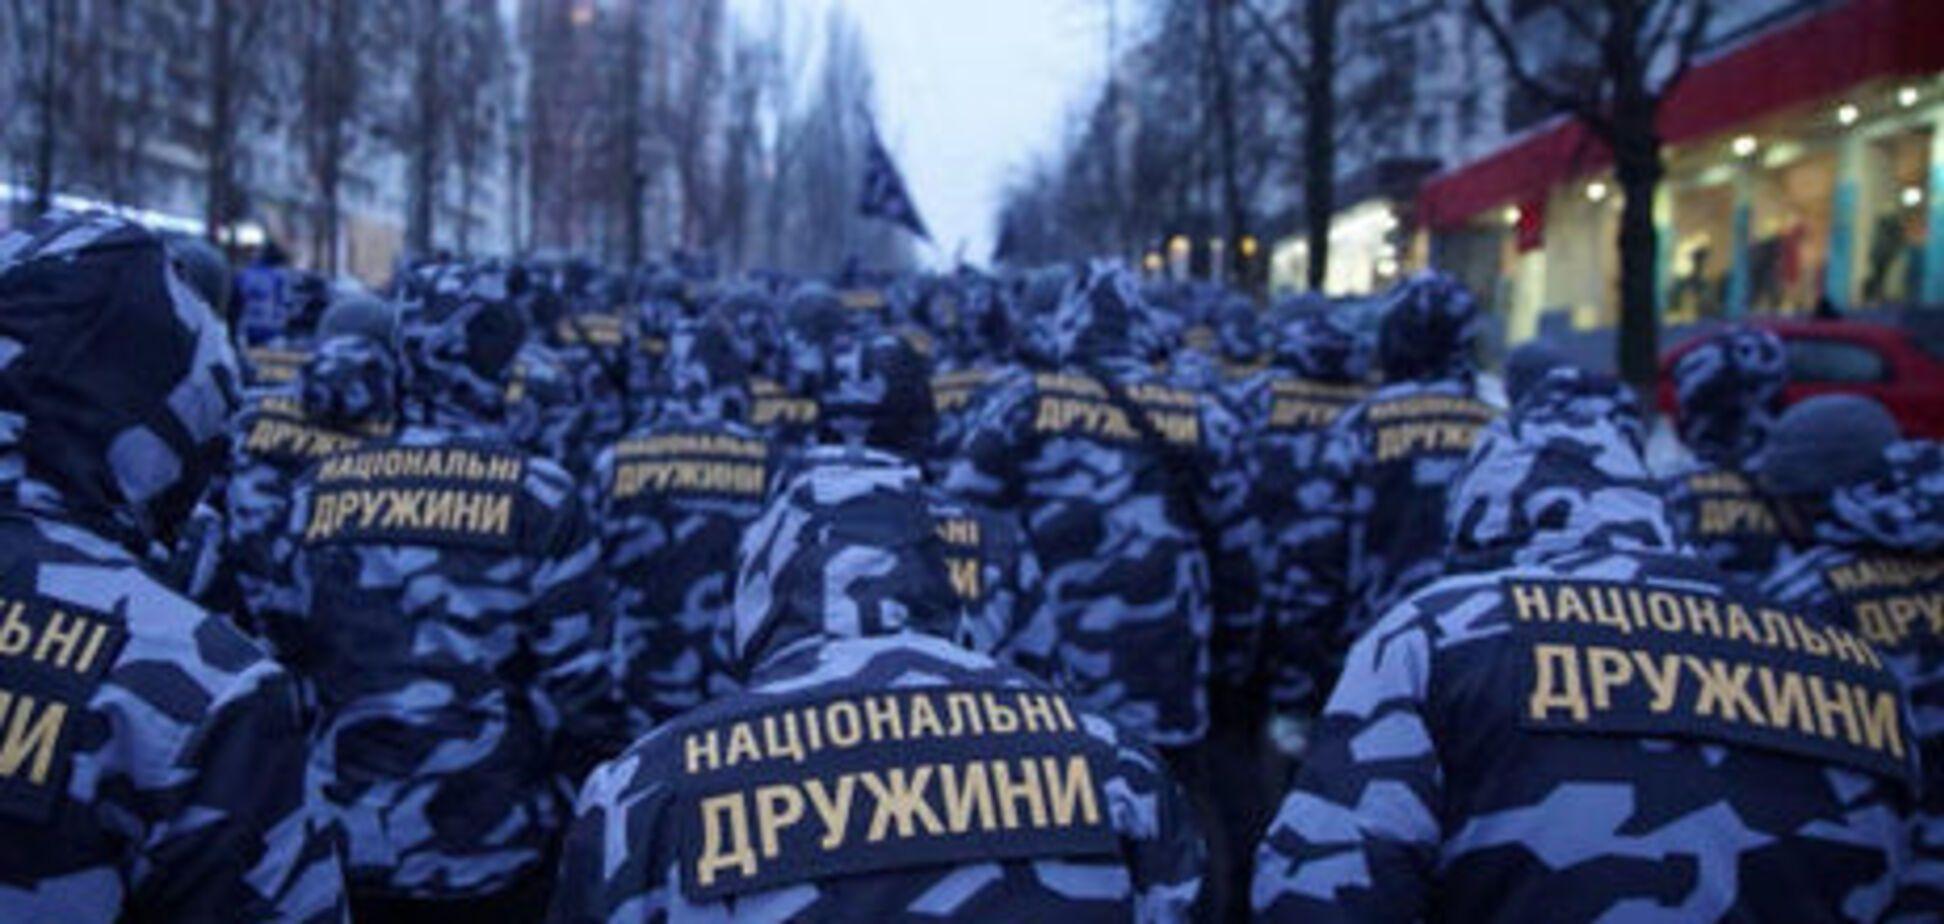 Захват депутатов, погромы и массовые драки: как 'Нацдружины' творят беззаконие в Украине